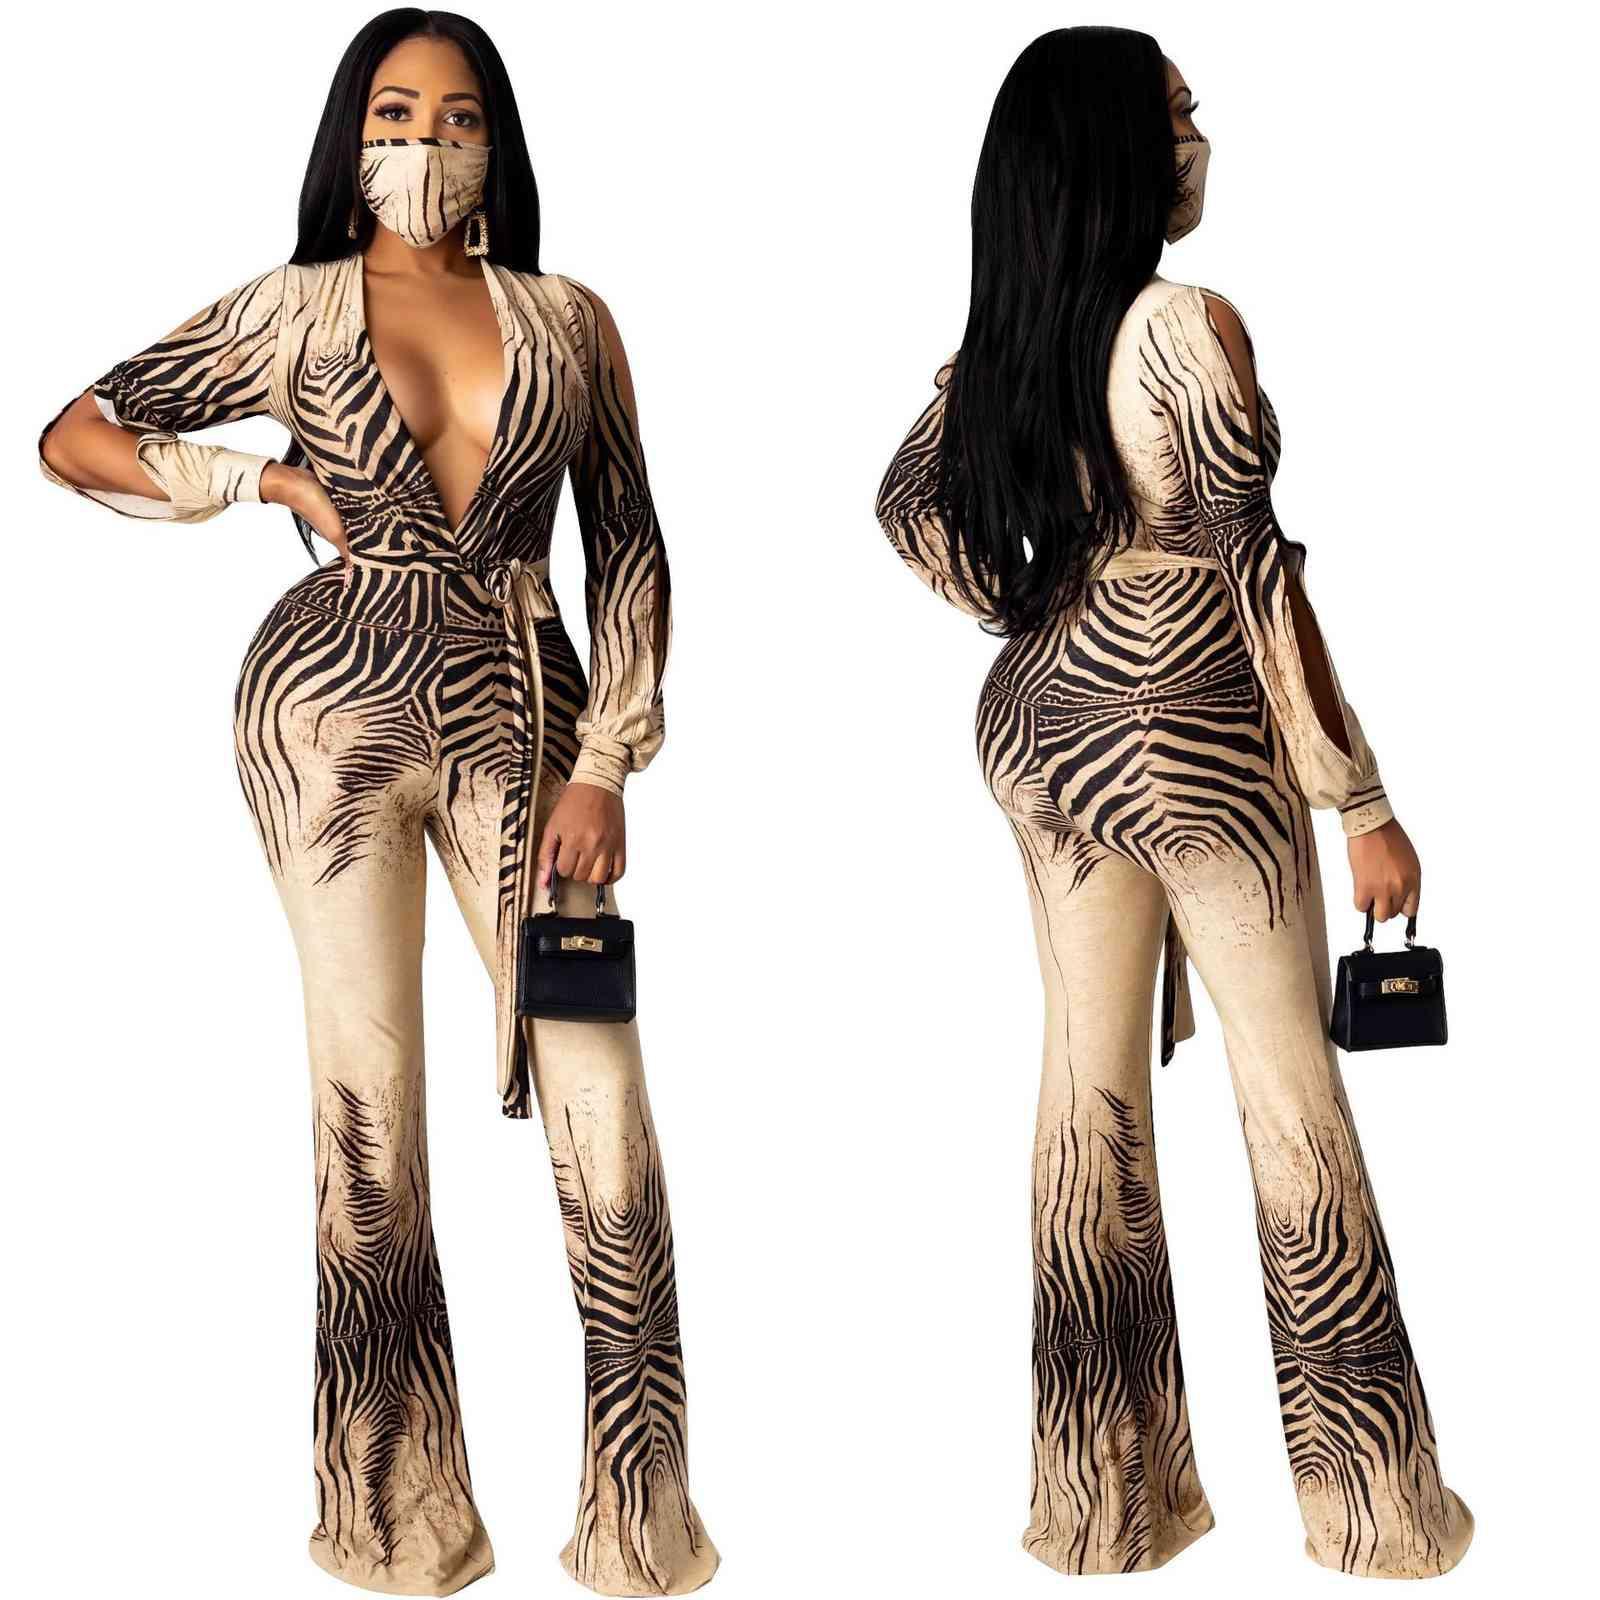 Tute Donna Eleganti الشتاء أحدث الأزياء العميق الخامس الرقبة مع الزنانير نحيل حللا السيدات طباعة الكاكي مايكرو بيل قيعان رومبير 210414